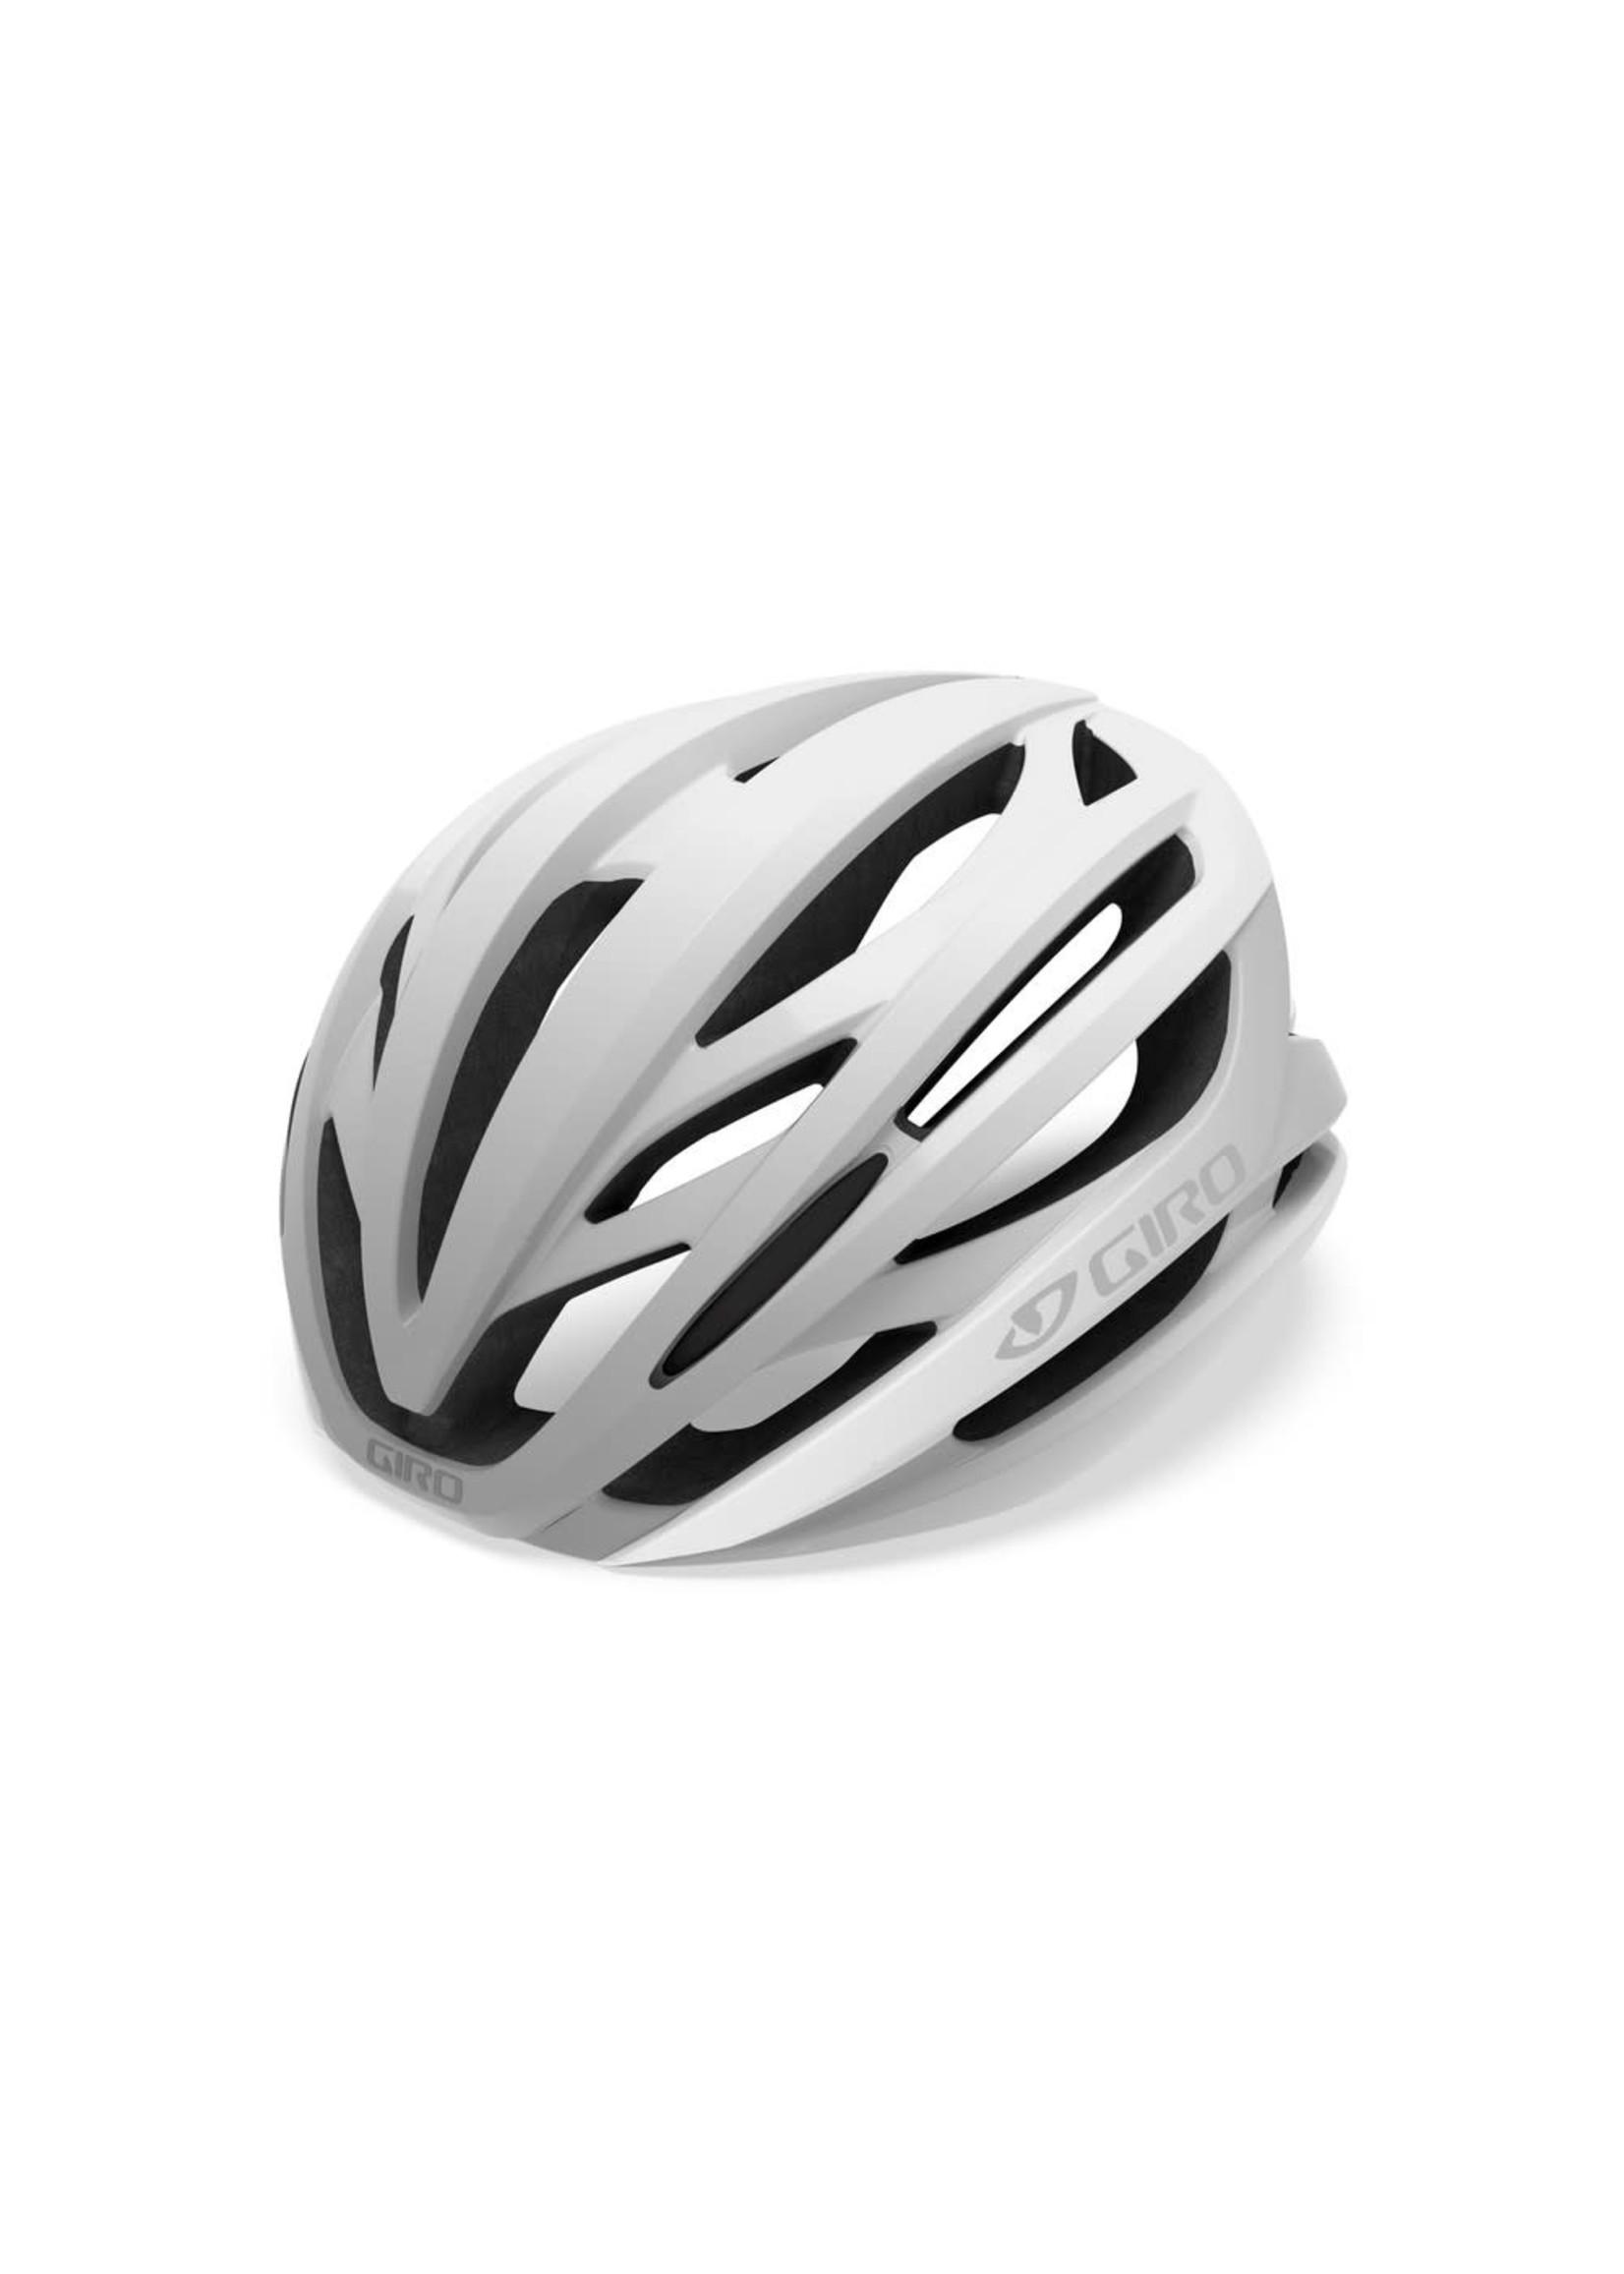 Giro Giro Syntax, MIPS